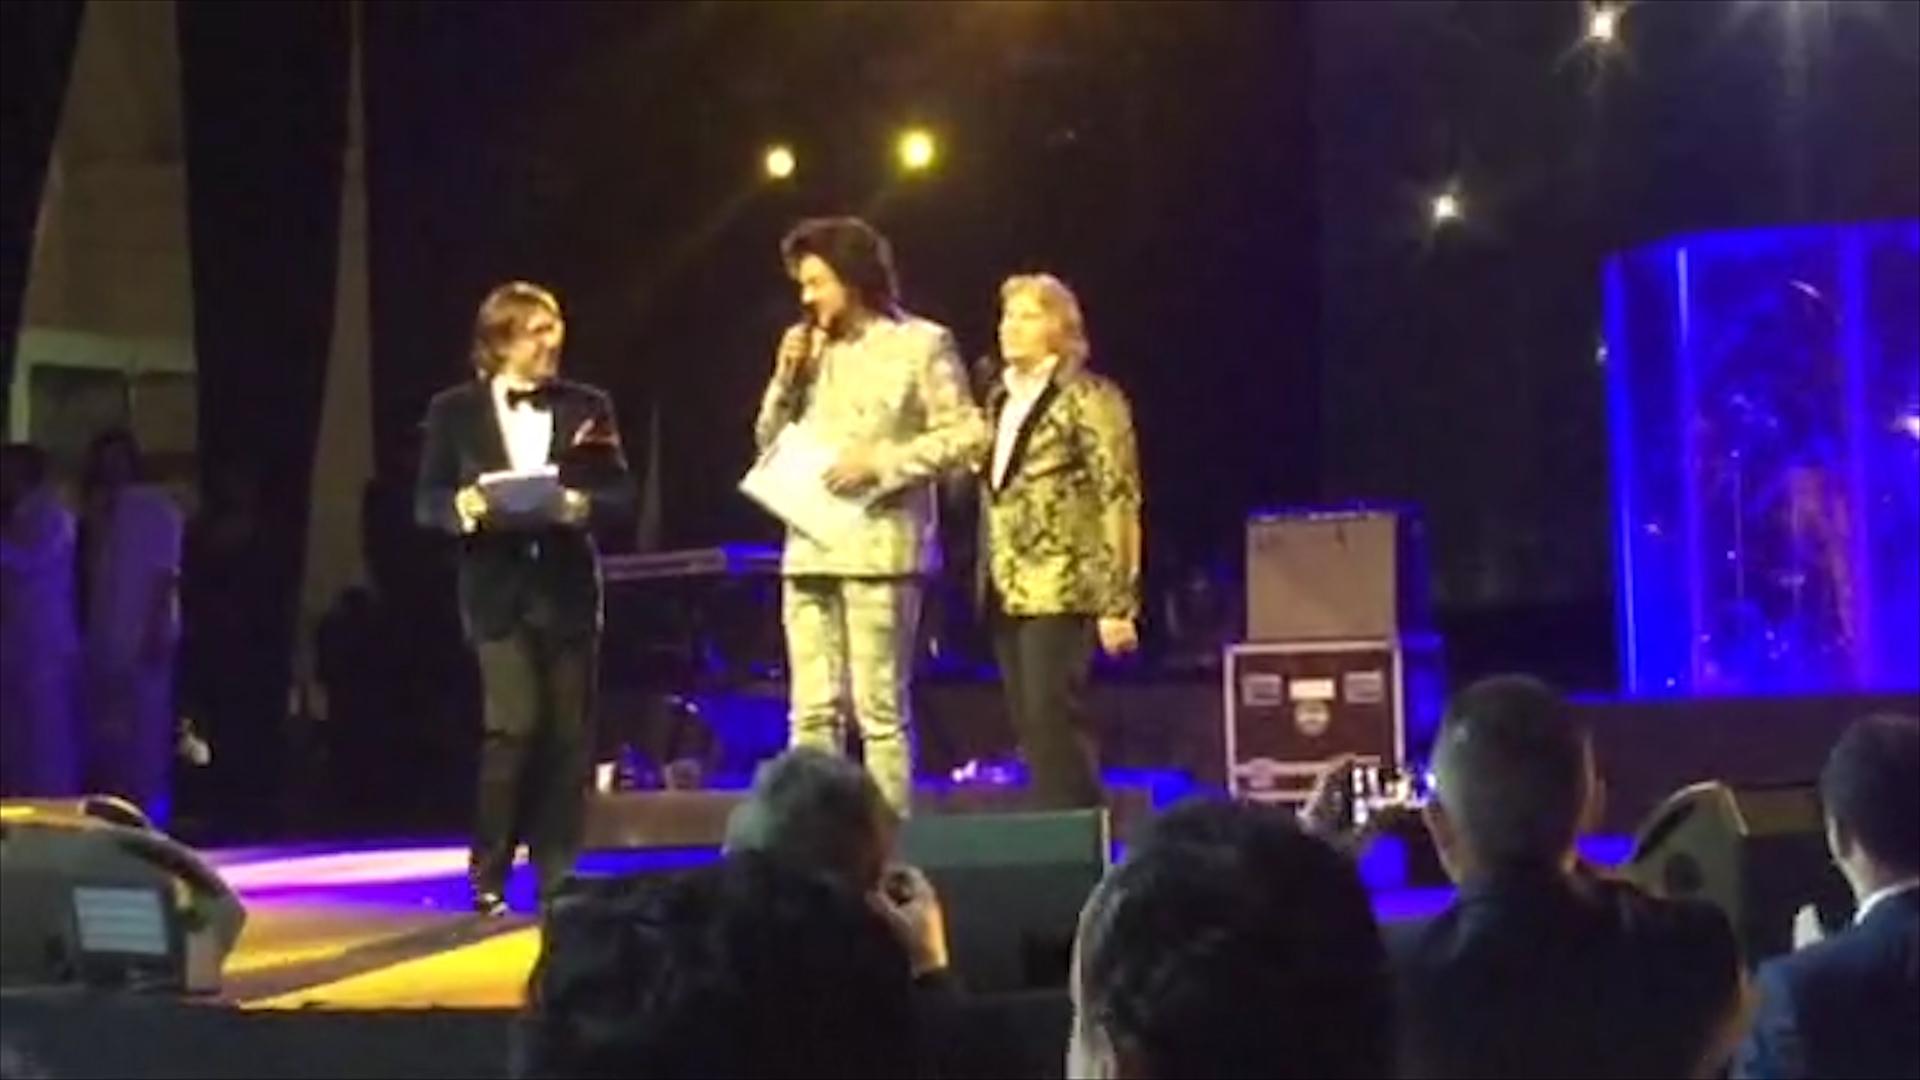 Гостей веселили Андрей Малахов, Николай Басков и Филипп Киркоров